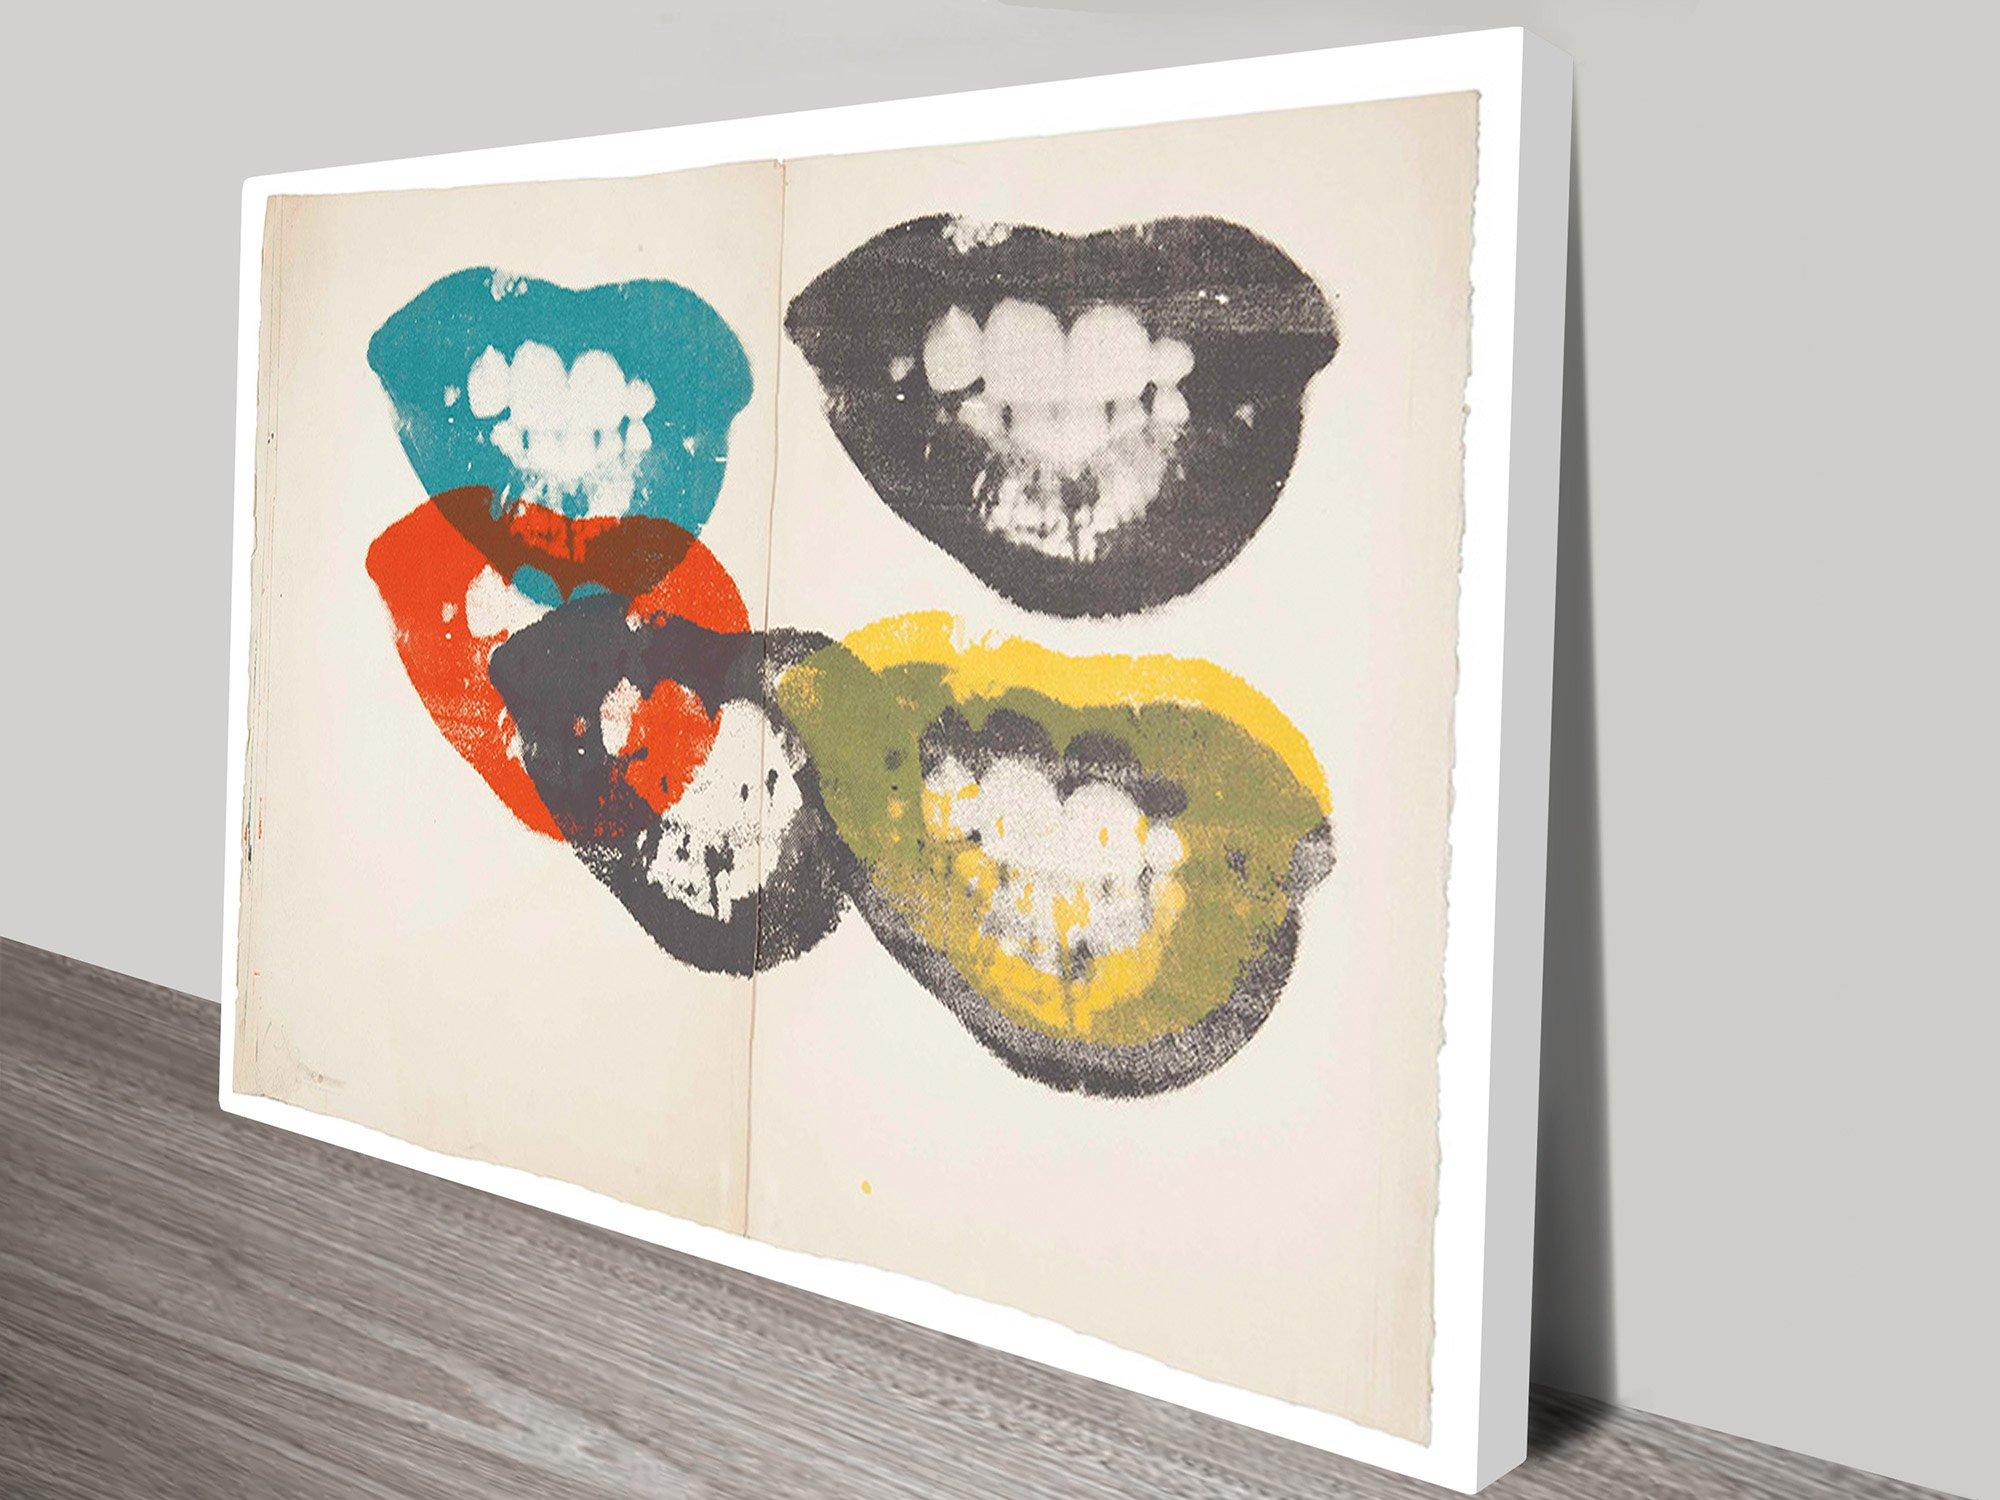 Lips By Andy Warhol Vintage Pop Art Print On Canvas & Lips by Andy Warhol Print on Canvas Melbourne Australian Wall Art